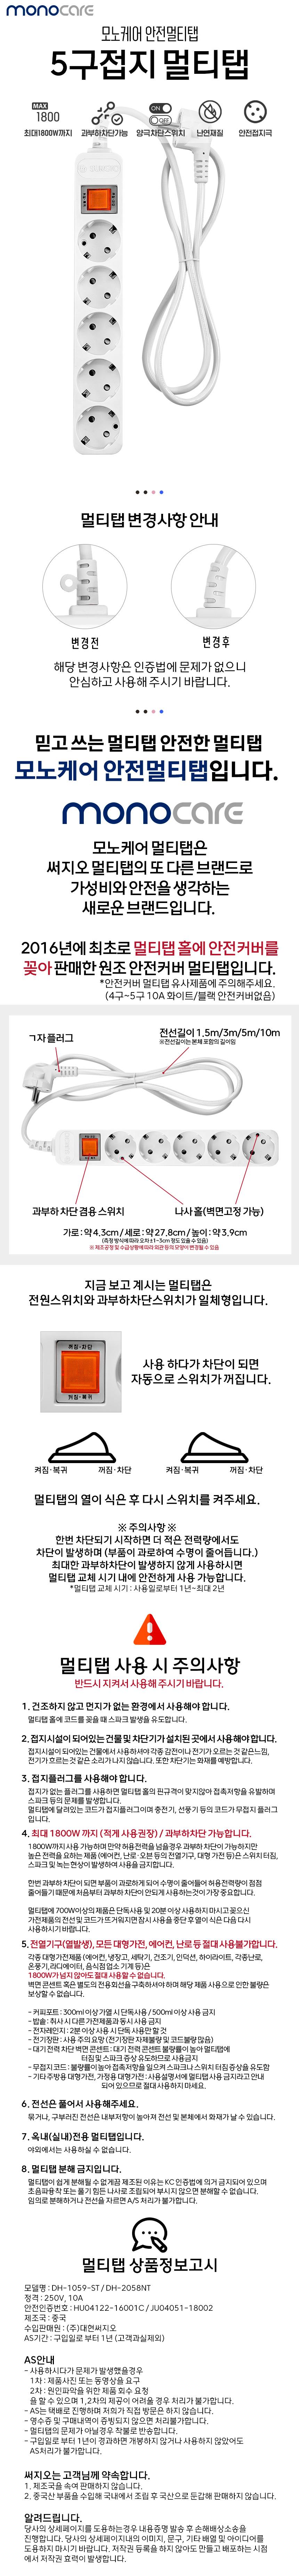 대현써지오 대현써지오 모노케어 5구 10A 메인 스위치 멀티탭 (1.5m)